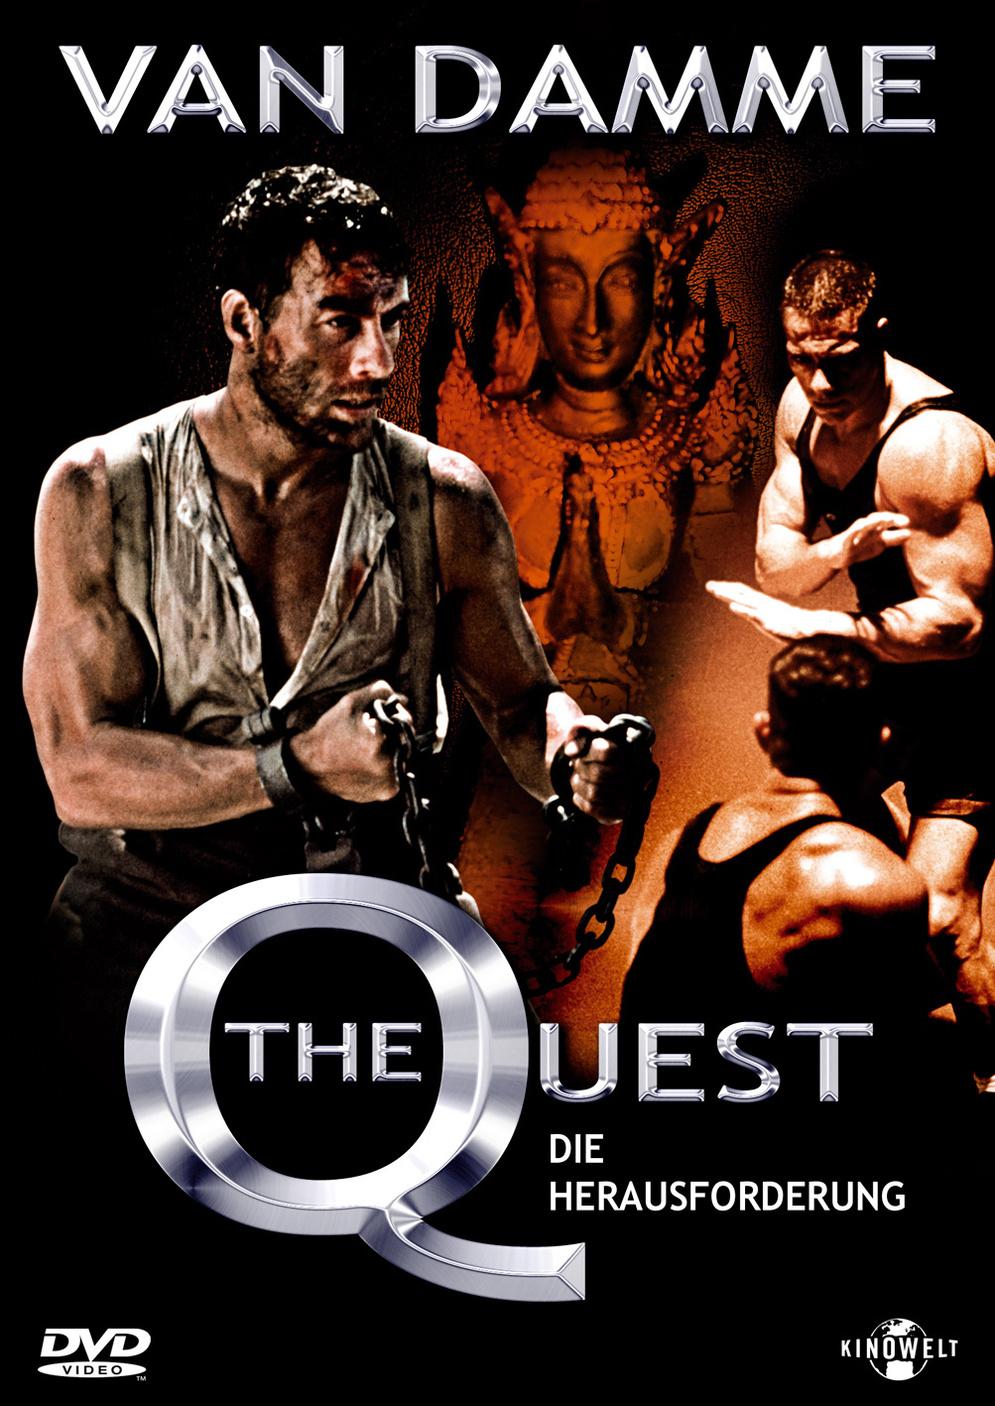 The Quest Die Herausforderung